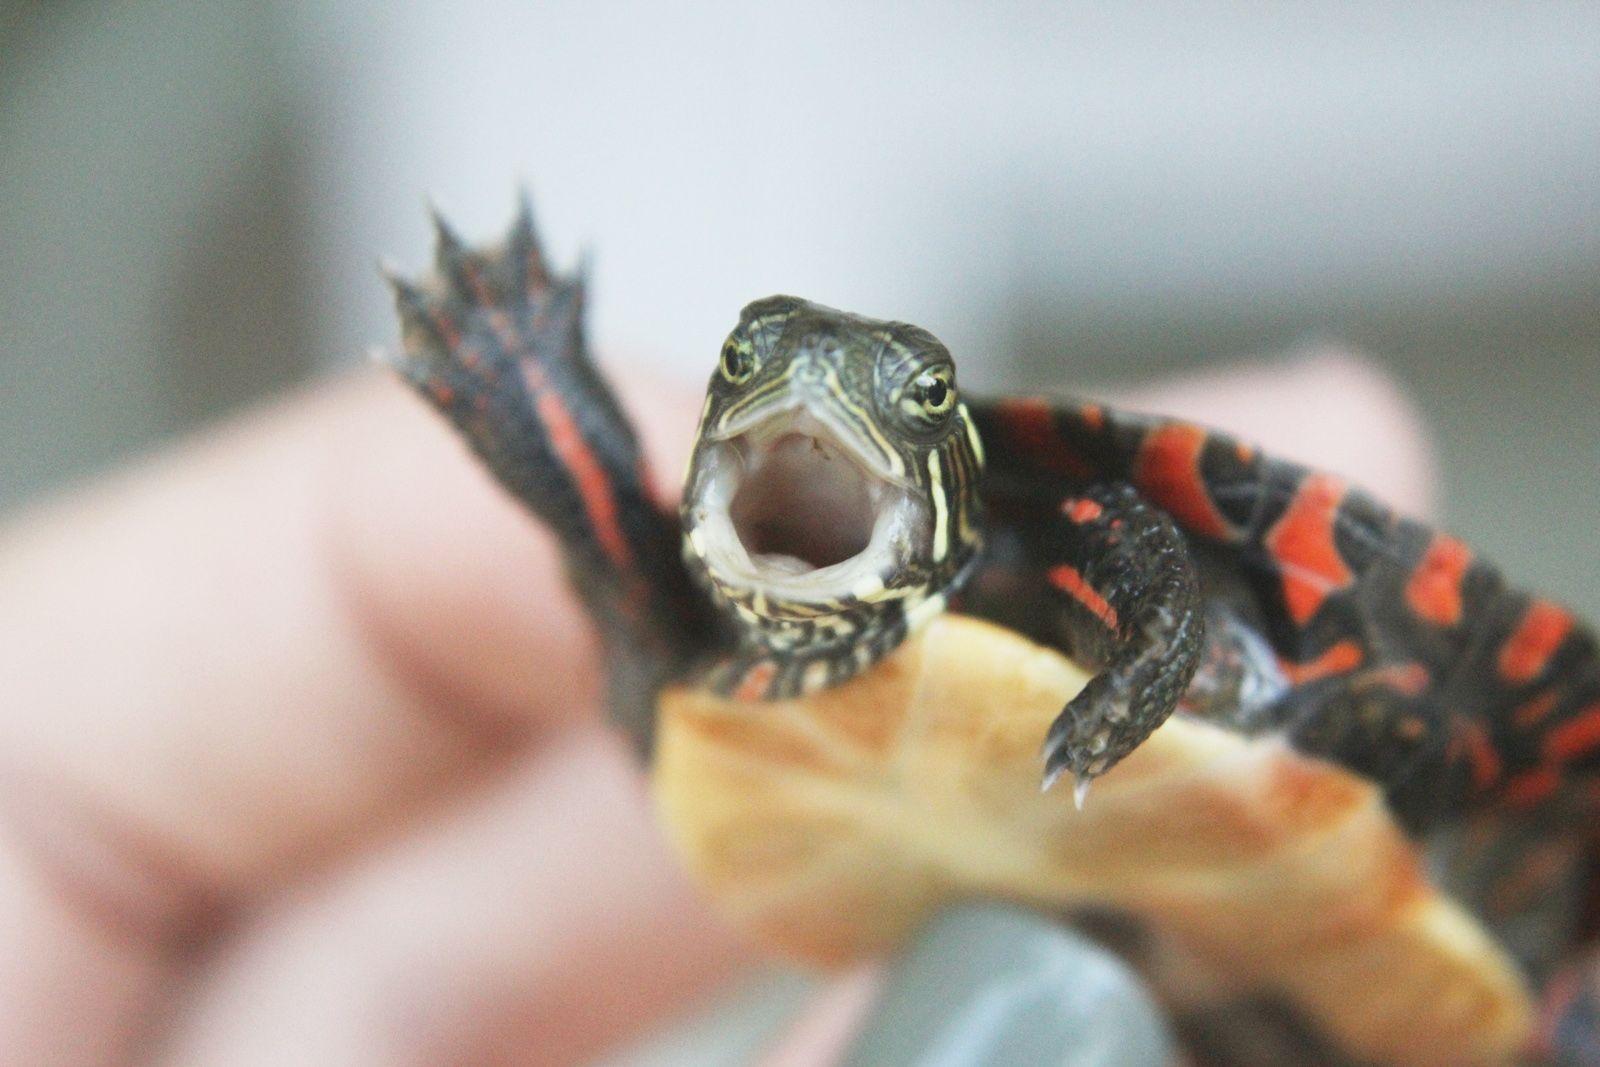 And a wee bit more eeeee! Cute baby turtles, Cute animal